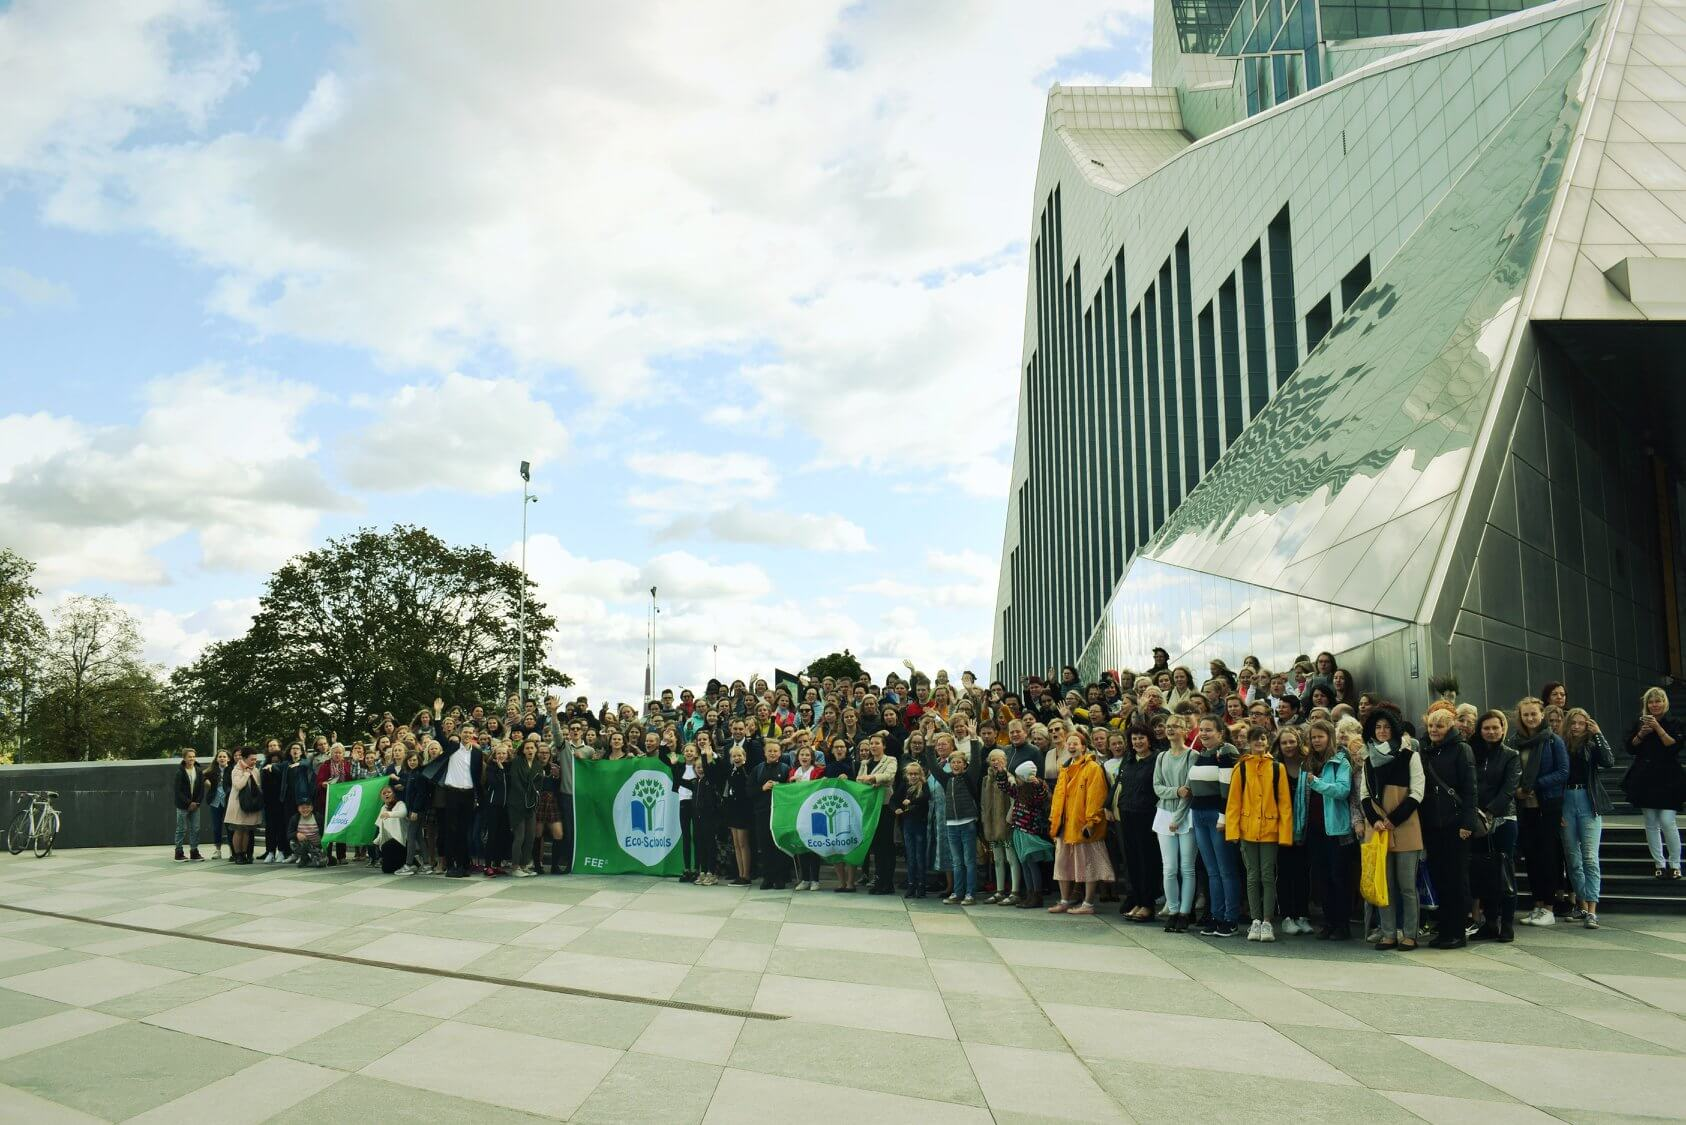 """Ekoskolu apbalvošanas pasākumā atklāta kampaņa """"Salabo pasauli"""" jauniešu vides apziņas veicināšanai"""